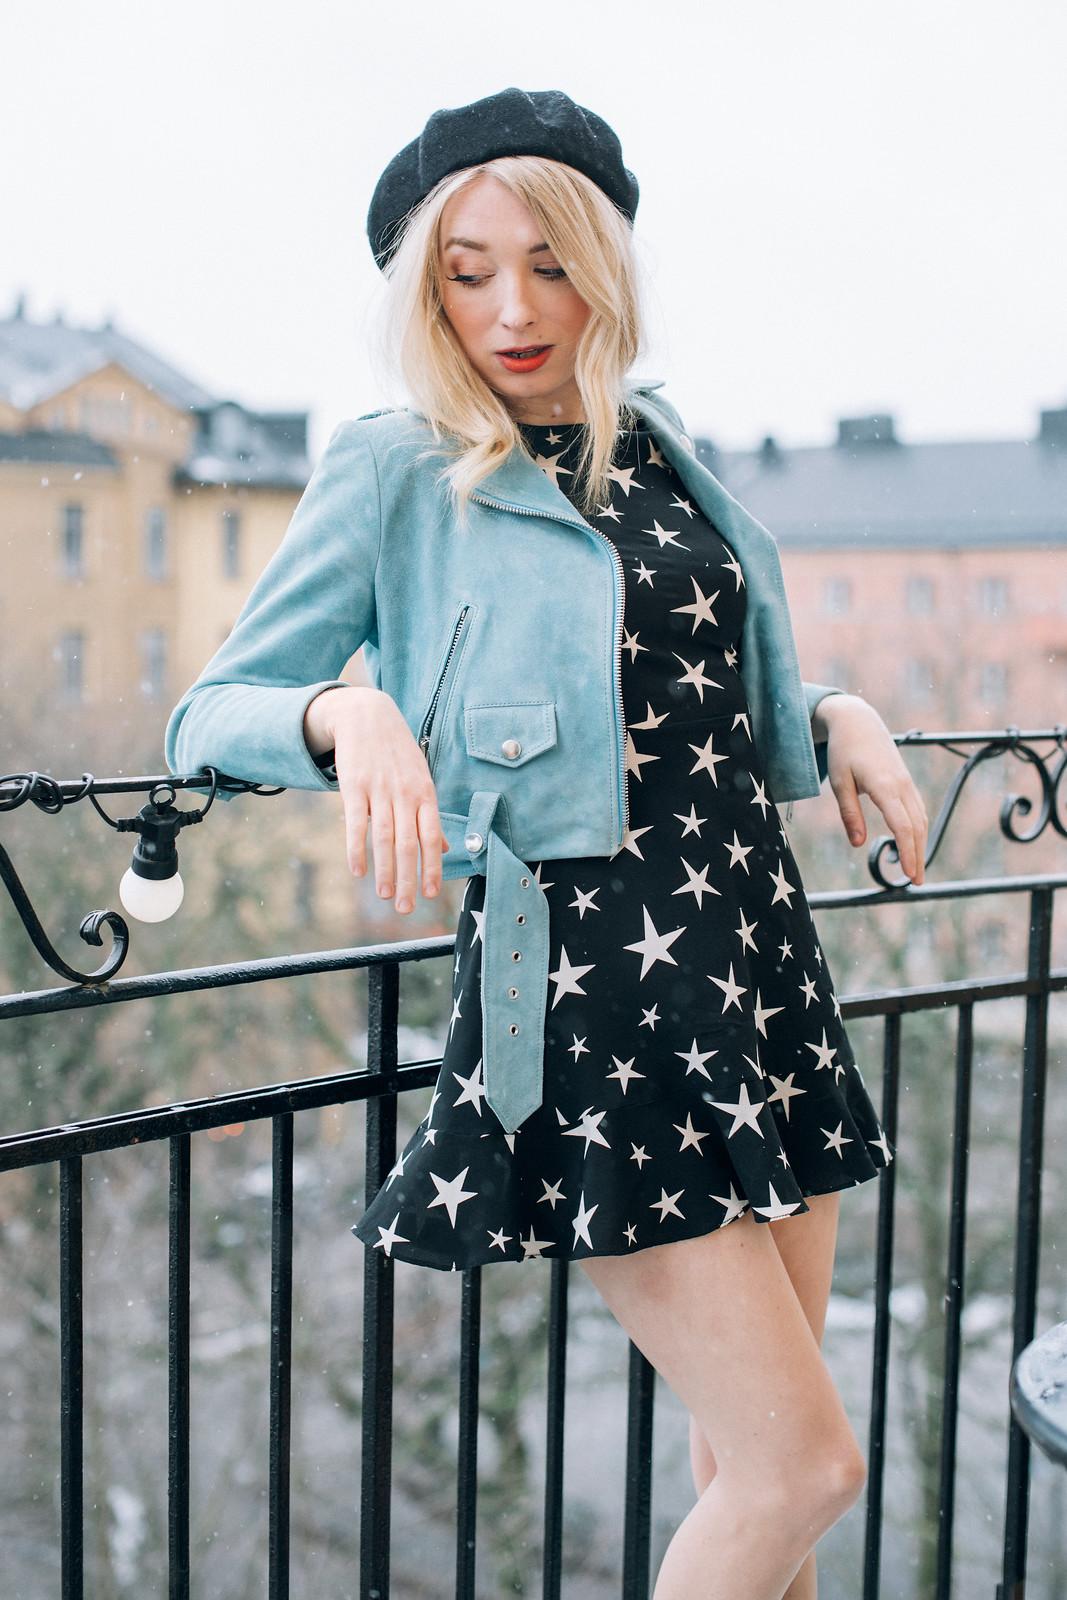 photo: emma grahn, studio emma svensson